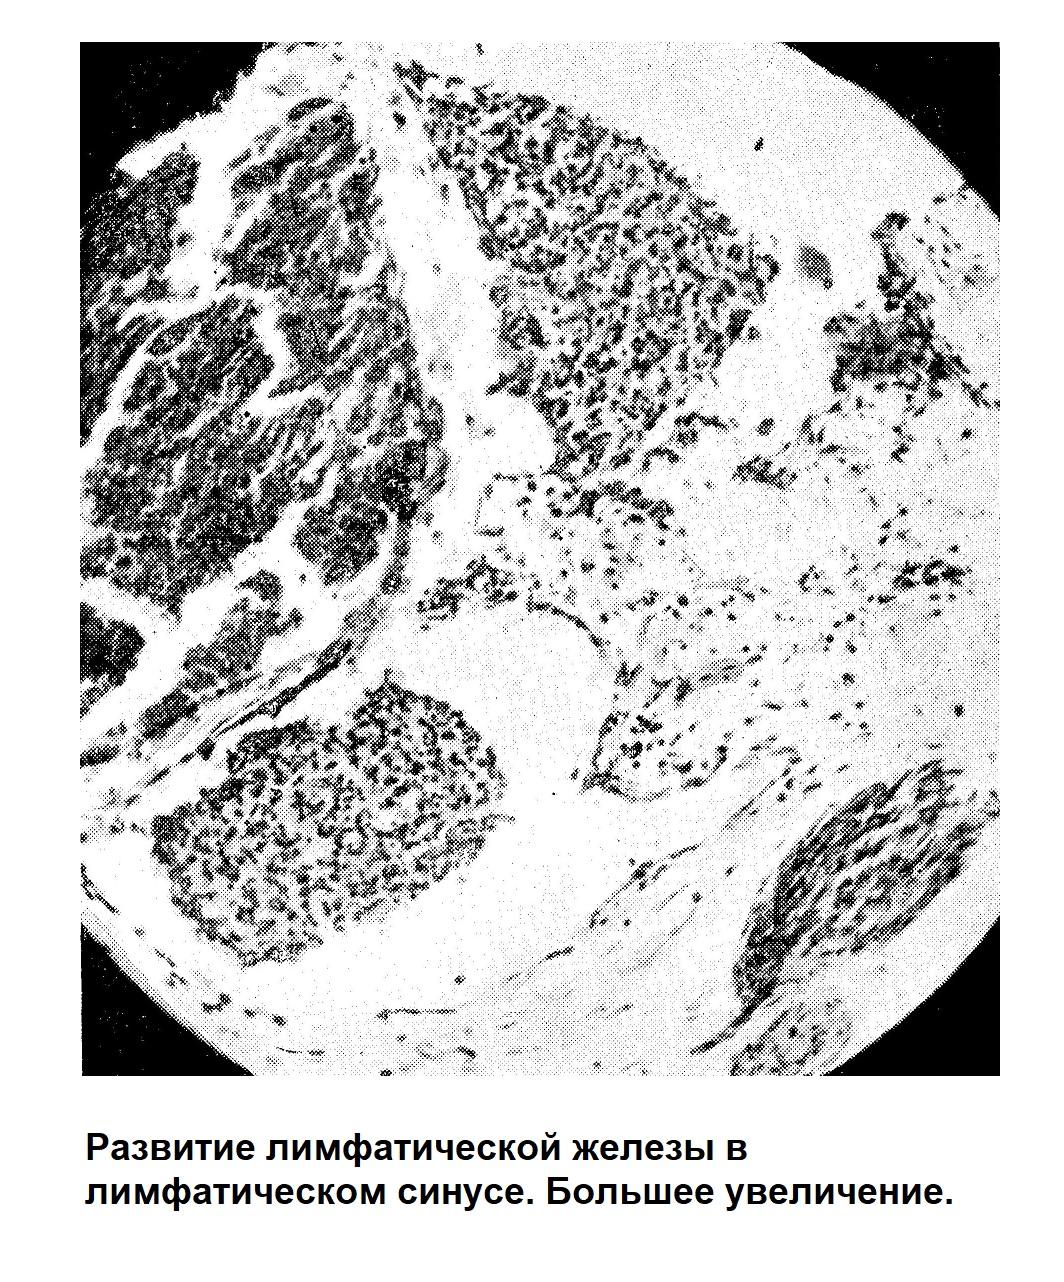 Развитие лимфатической железы в лимфатическом синусе. Большее увеличение.